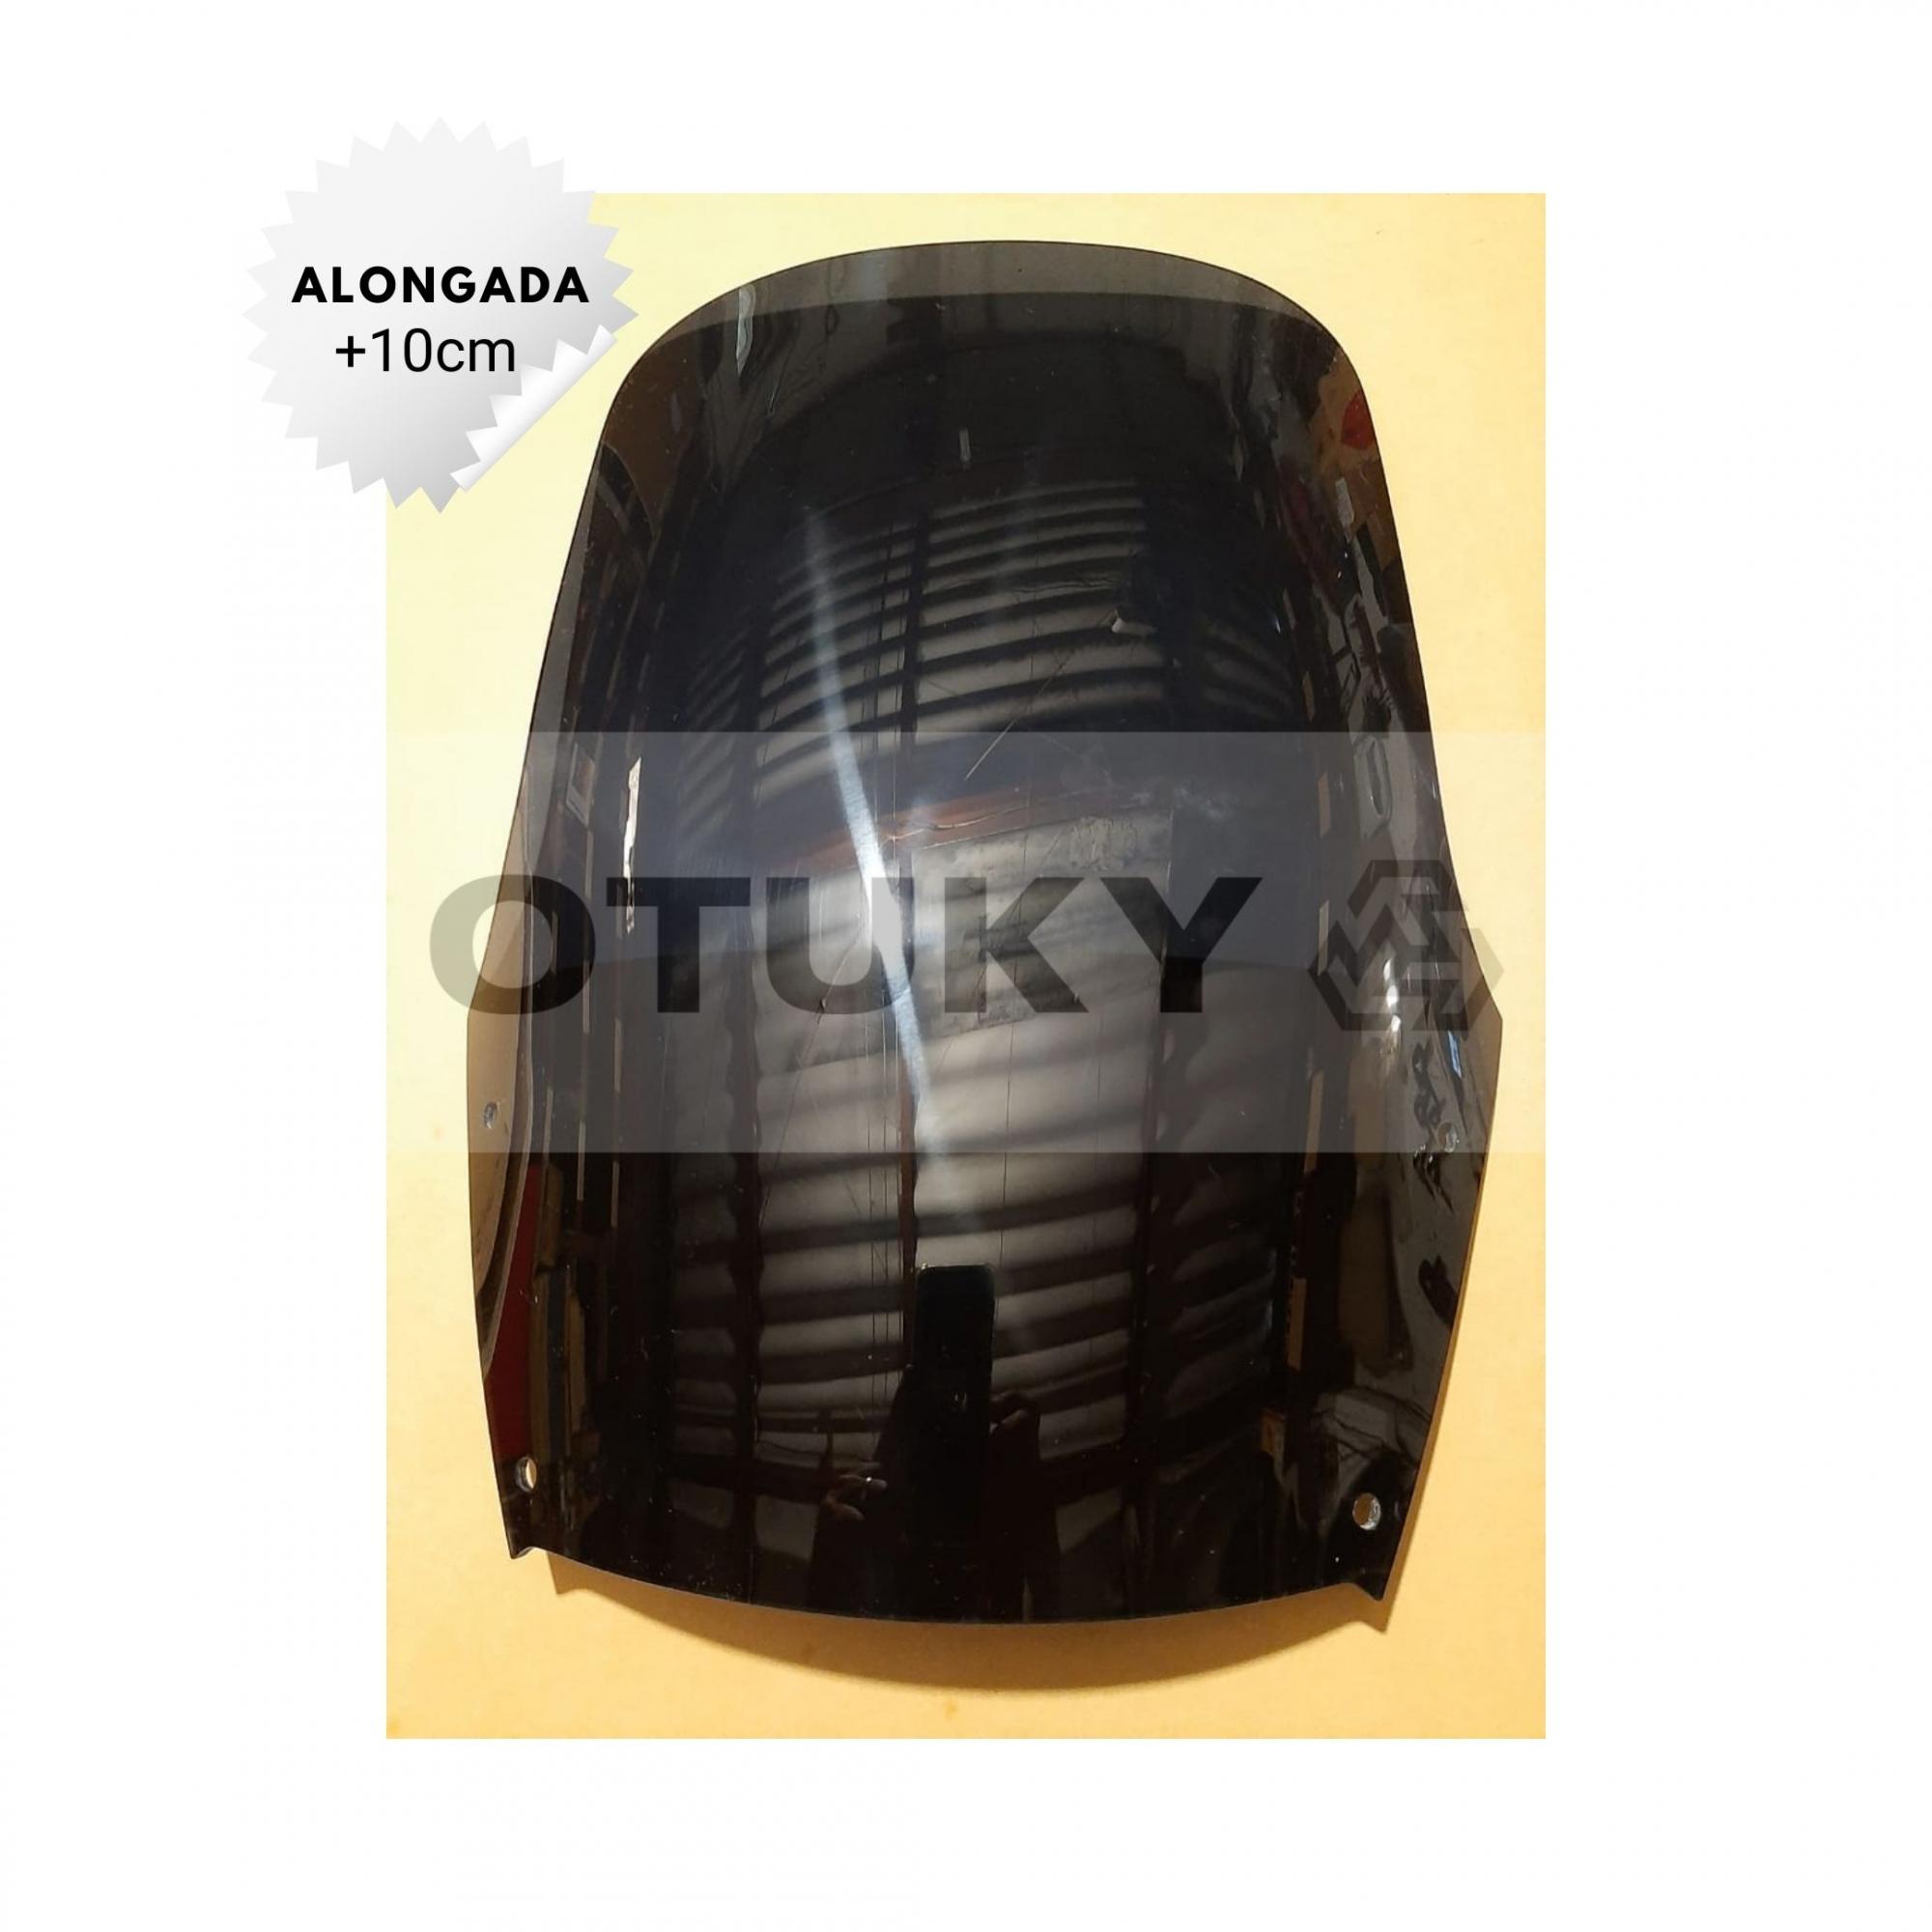 Bolha para Moto DR 650 RSE 1994 1995 1996 1997 Alongada +10cm Otuky